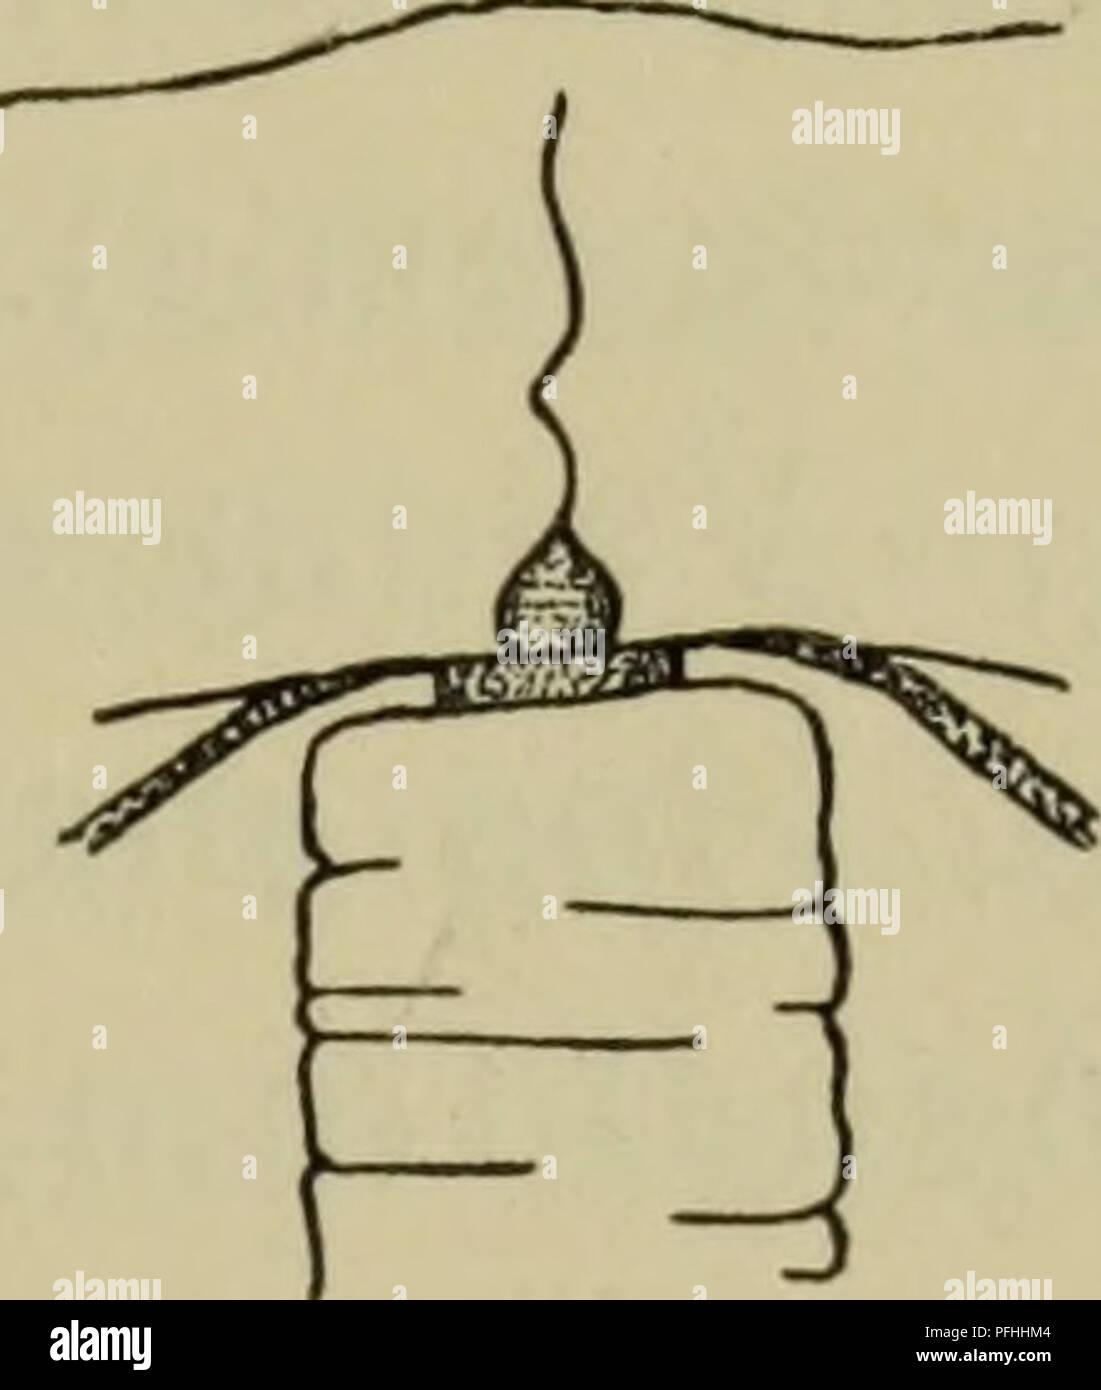 . Danmarks fauna; illustrerede haandbøger su den danske dyreverden... . 19 cyster (isaer hos Margeliderne). Maven er hyppigst flaskeformet, af meget forskellig Størrelse; ho tane Sidevaegge ligger Gonaderne (som hos enkelte per- mer kan straekke sig et kort Stykke ud langs Radiaerkanalerne). Gonaderne kan danne en anello sluttet omkring manubrio eller ved lodrette stri- ber vaere delt i 4 interradiale eller 8 adradiale dele sjaeldnere (er der 5 eller et andet Antal Gonader). Undertiden Maven er ikke faestet direkte til Subumbrella, uomini til en fra dennes Midte udgaaende gelatinøs Udvaext, der kaldes ma Foto Stock